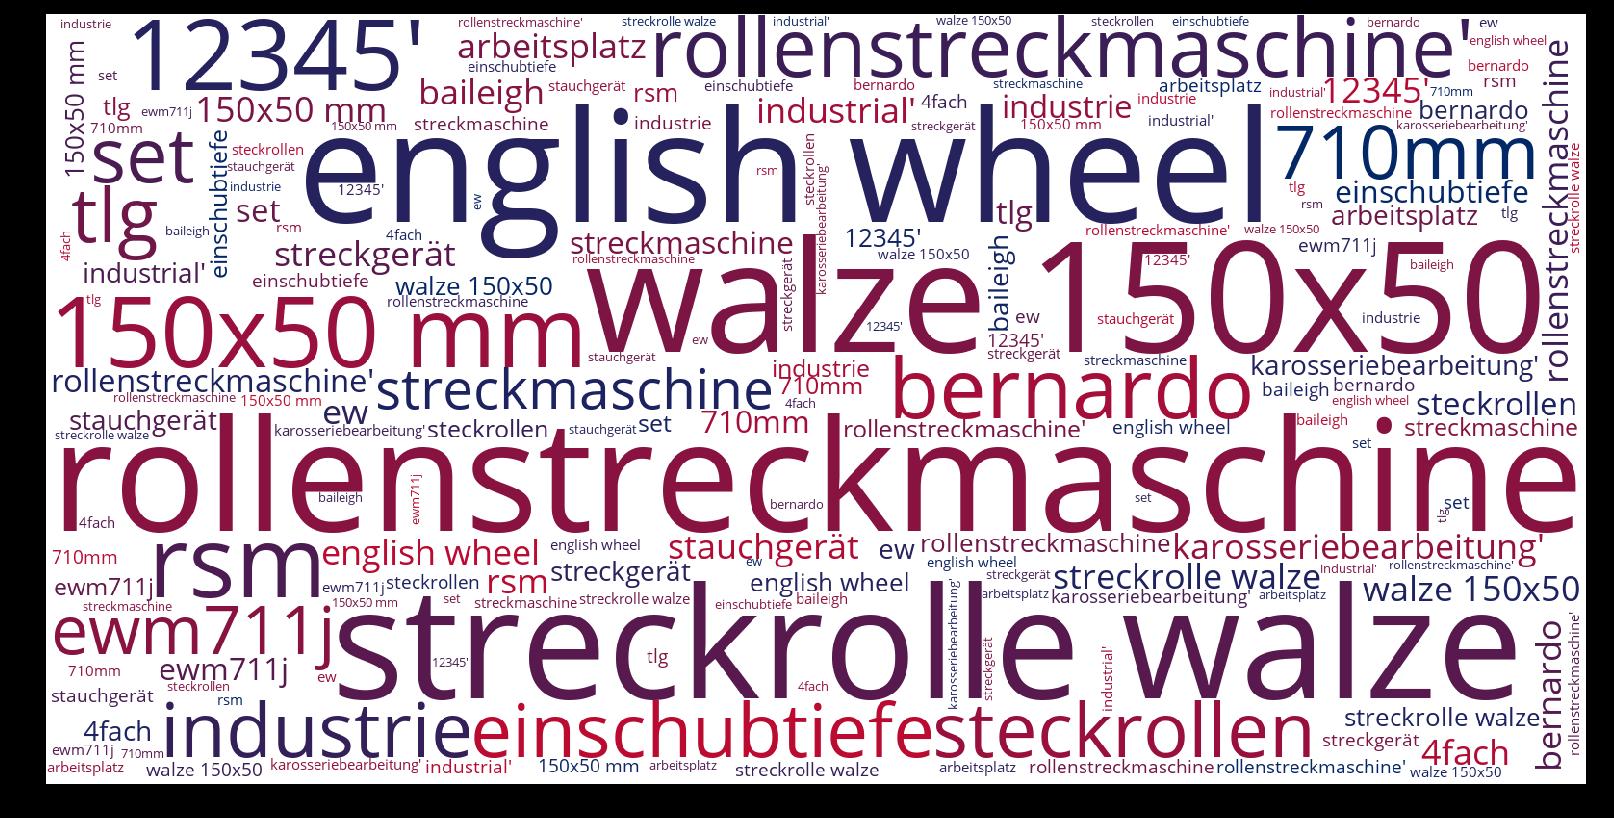 Rollenstreckmaschine-wordcloud